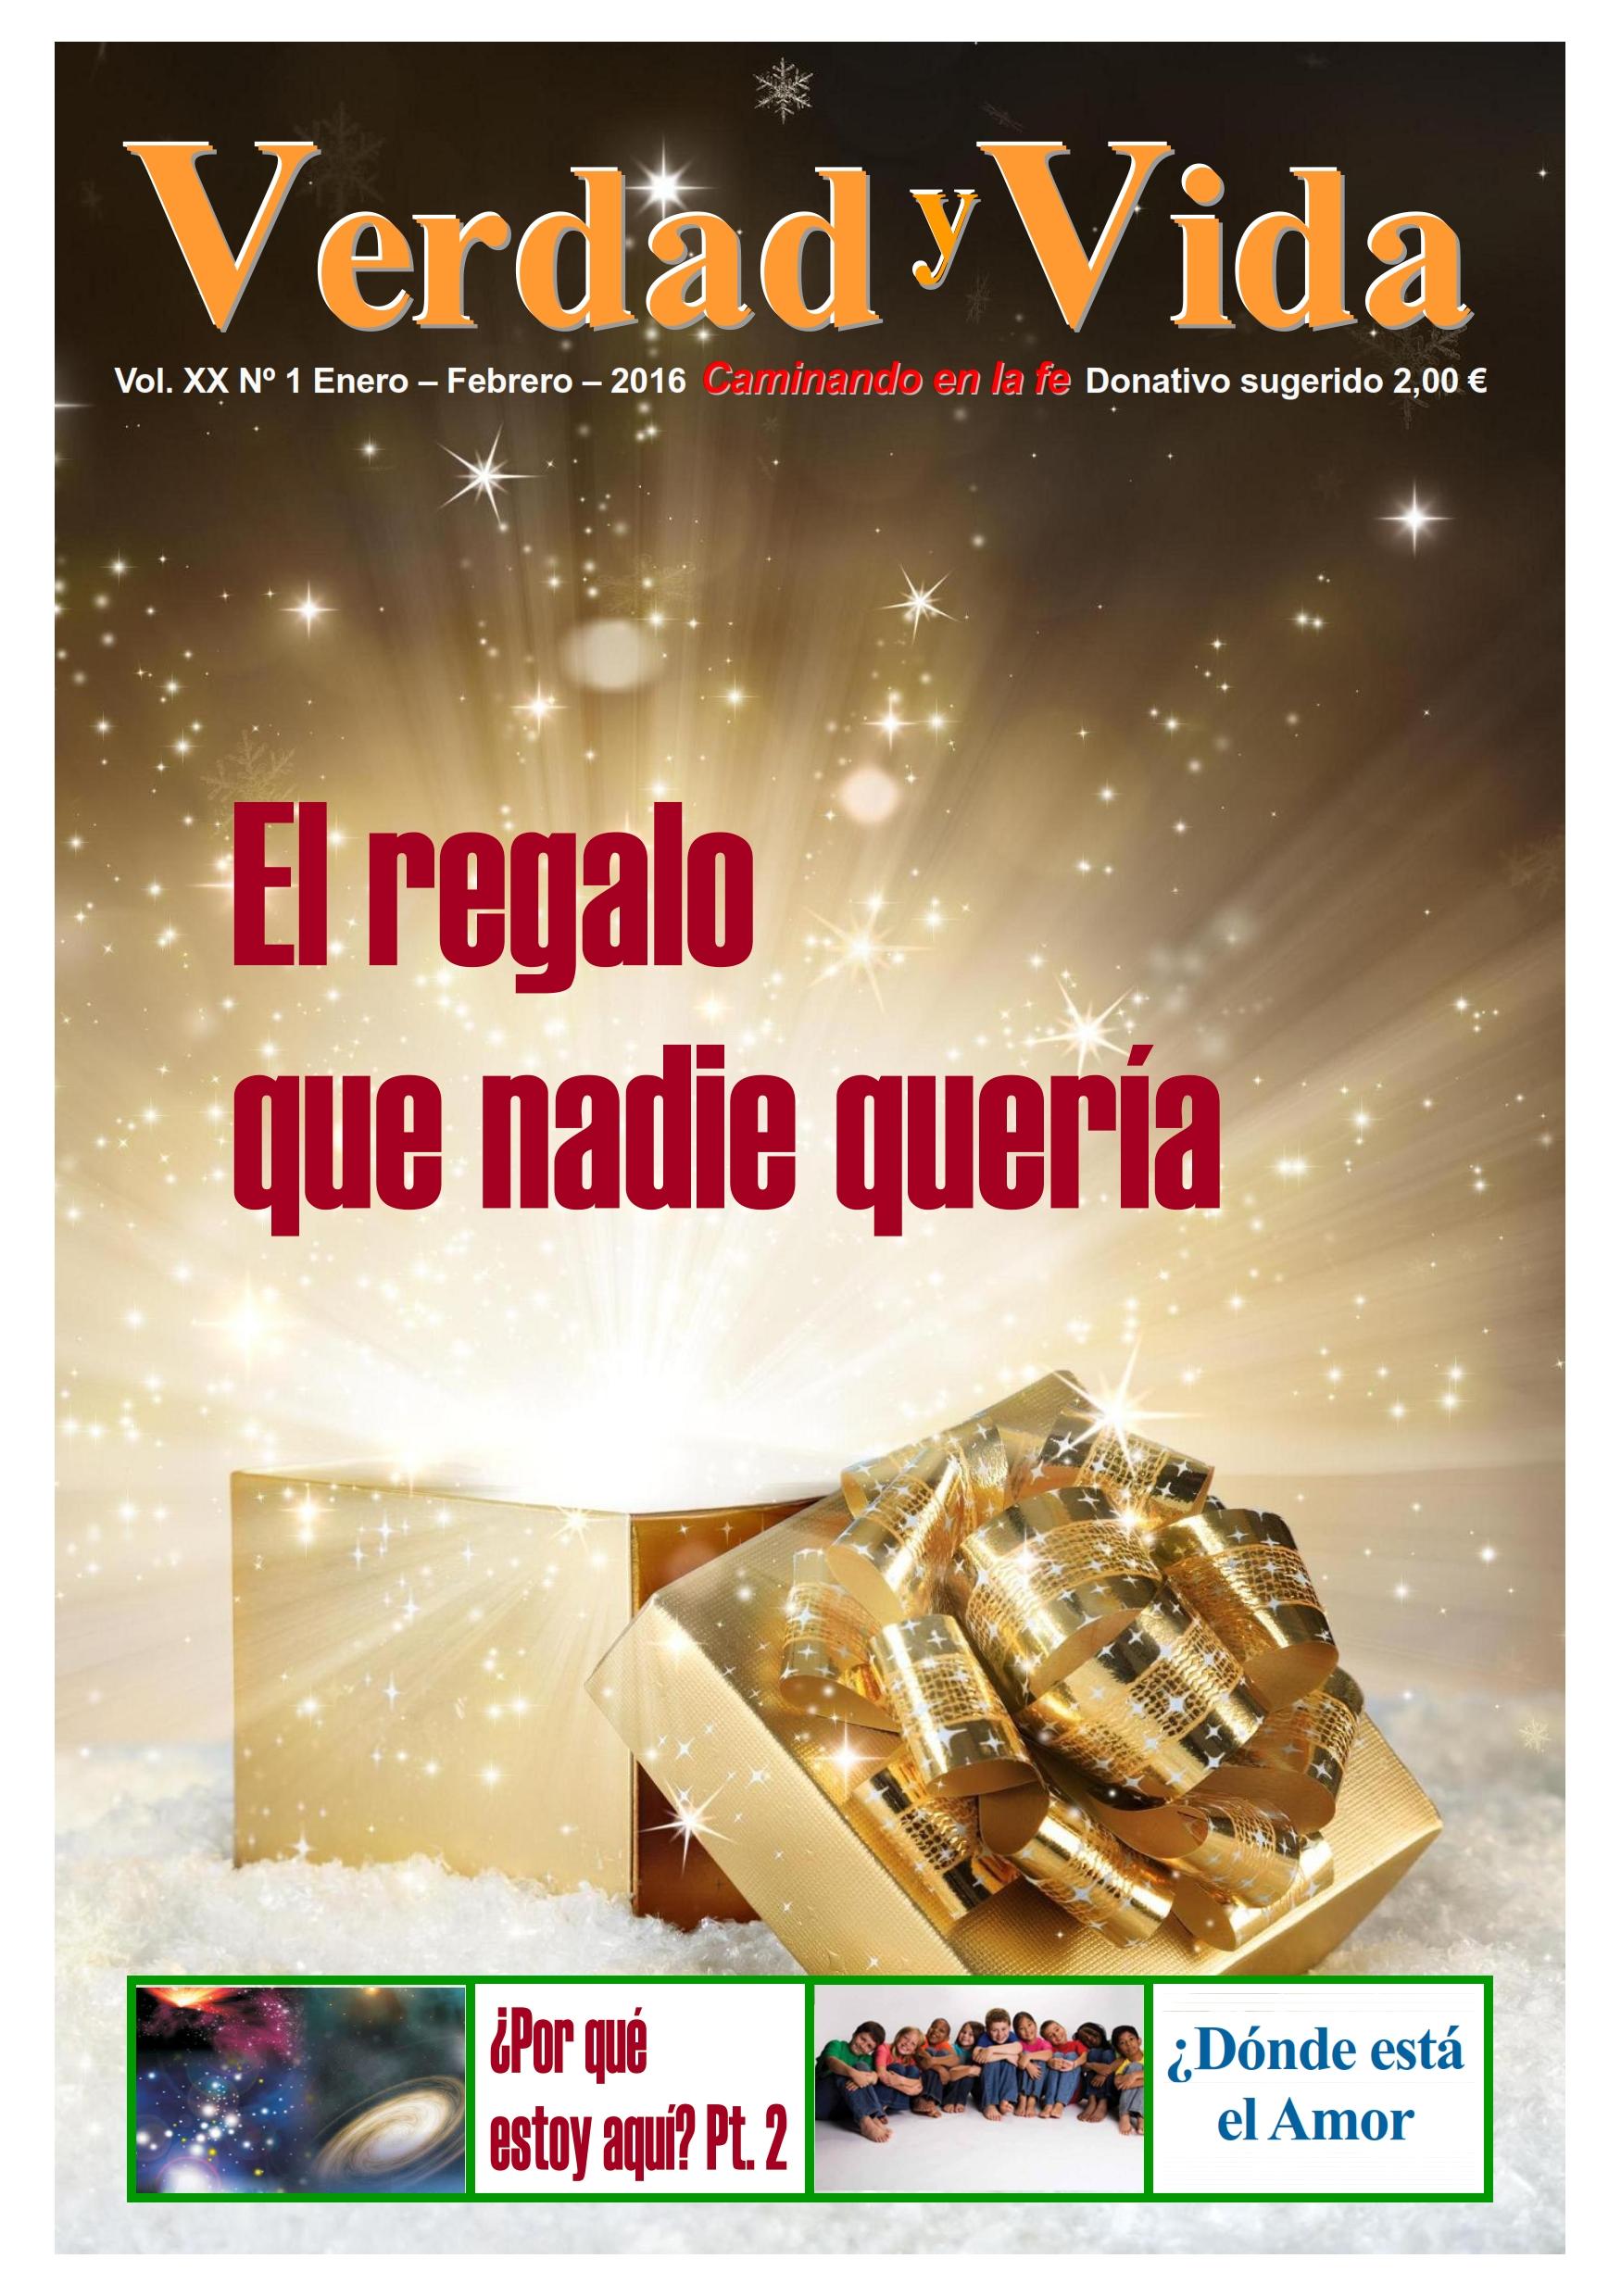 Revista Verdad y Vda